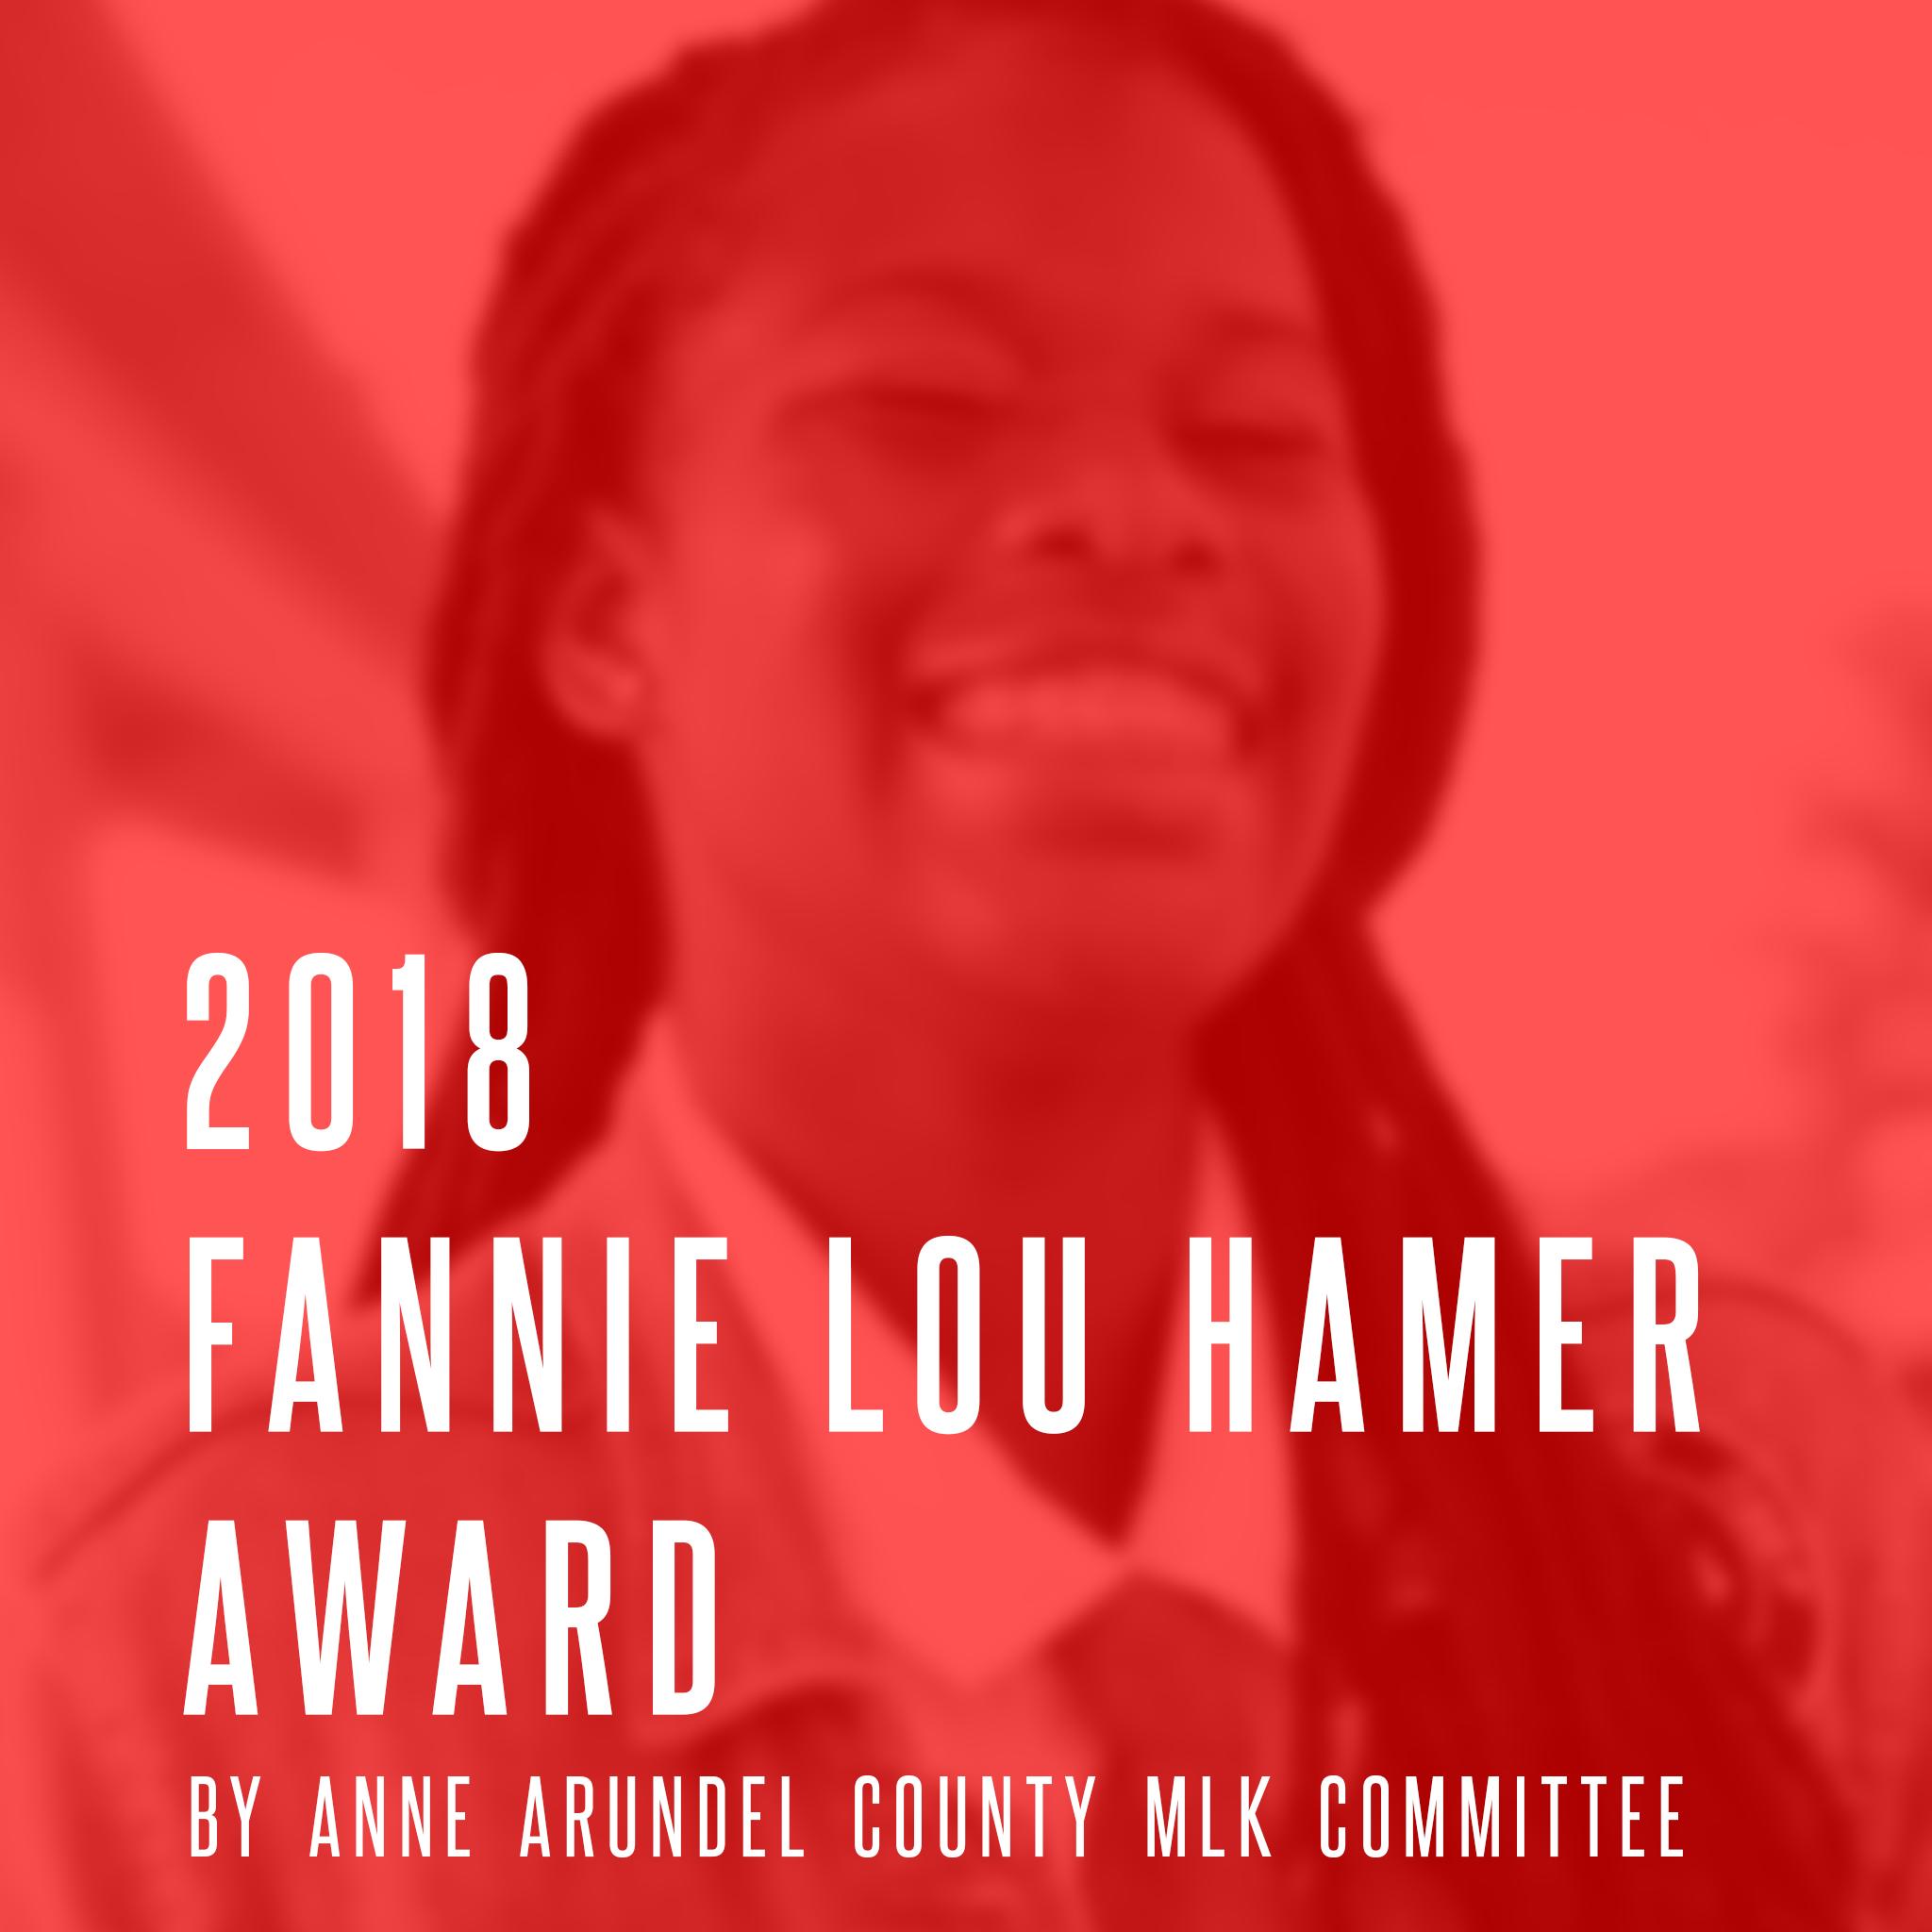 Fannie Lou Hamer Award.jpg